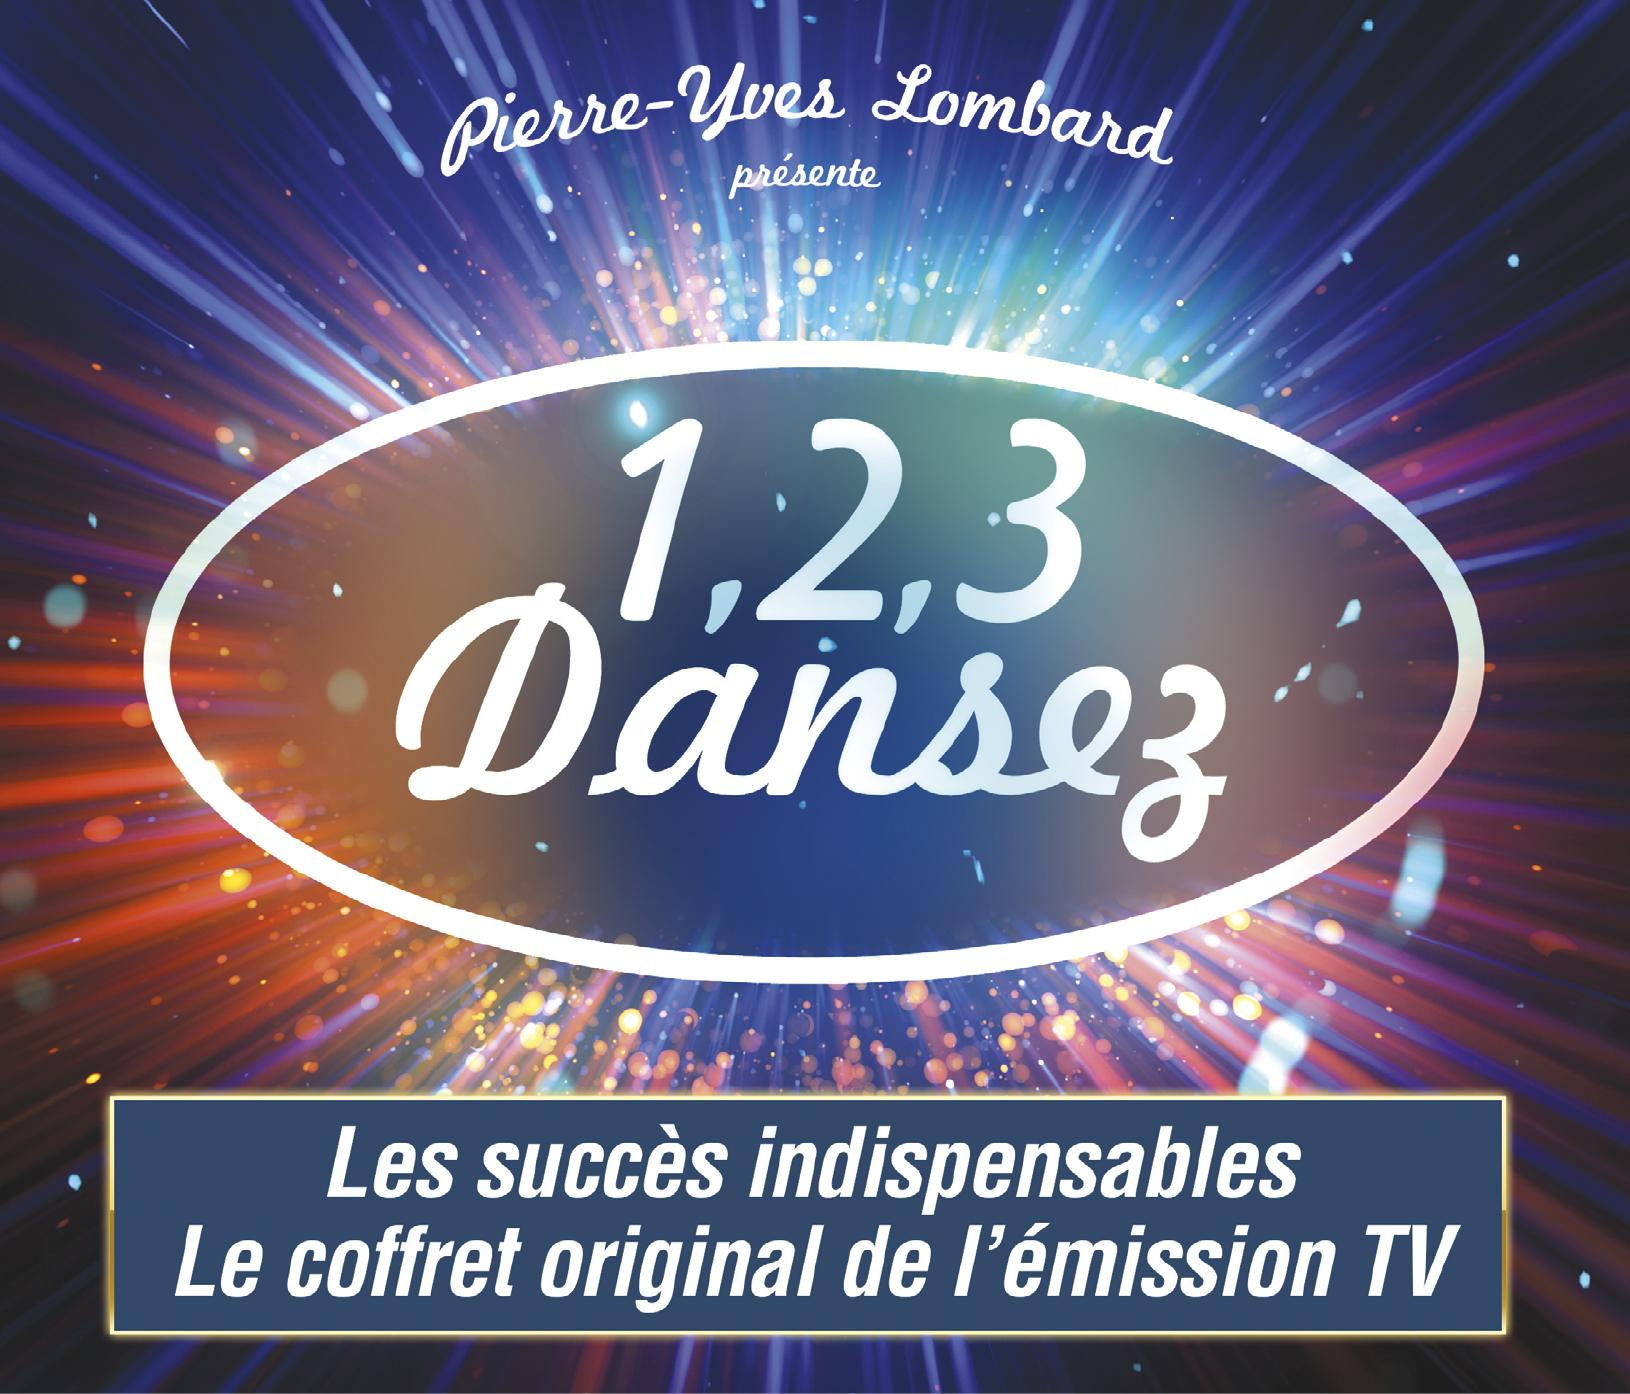 Compilation 1,2,3 Dansez